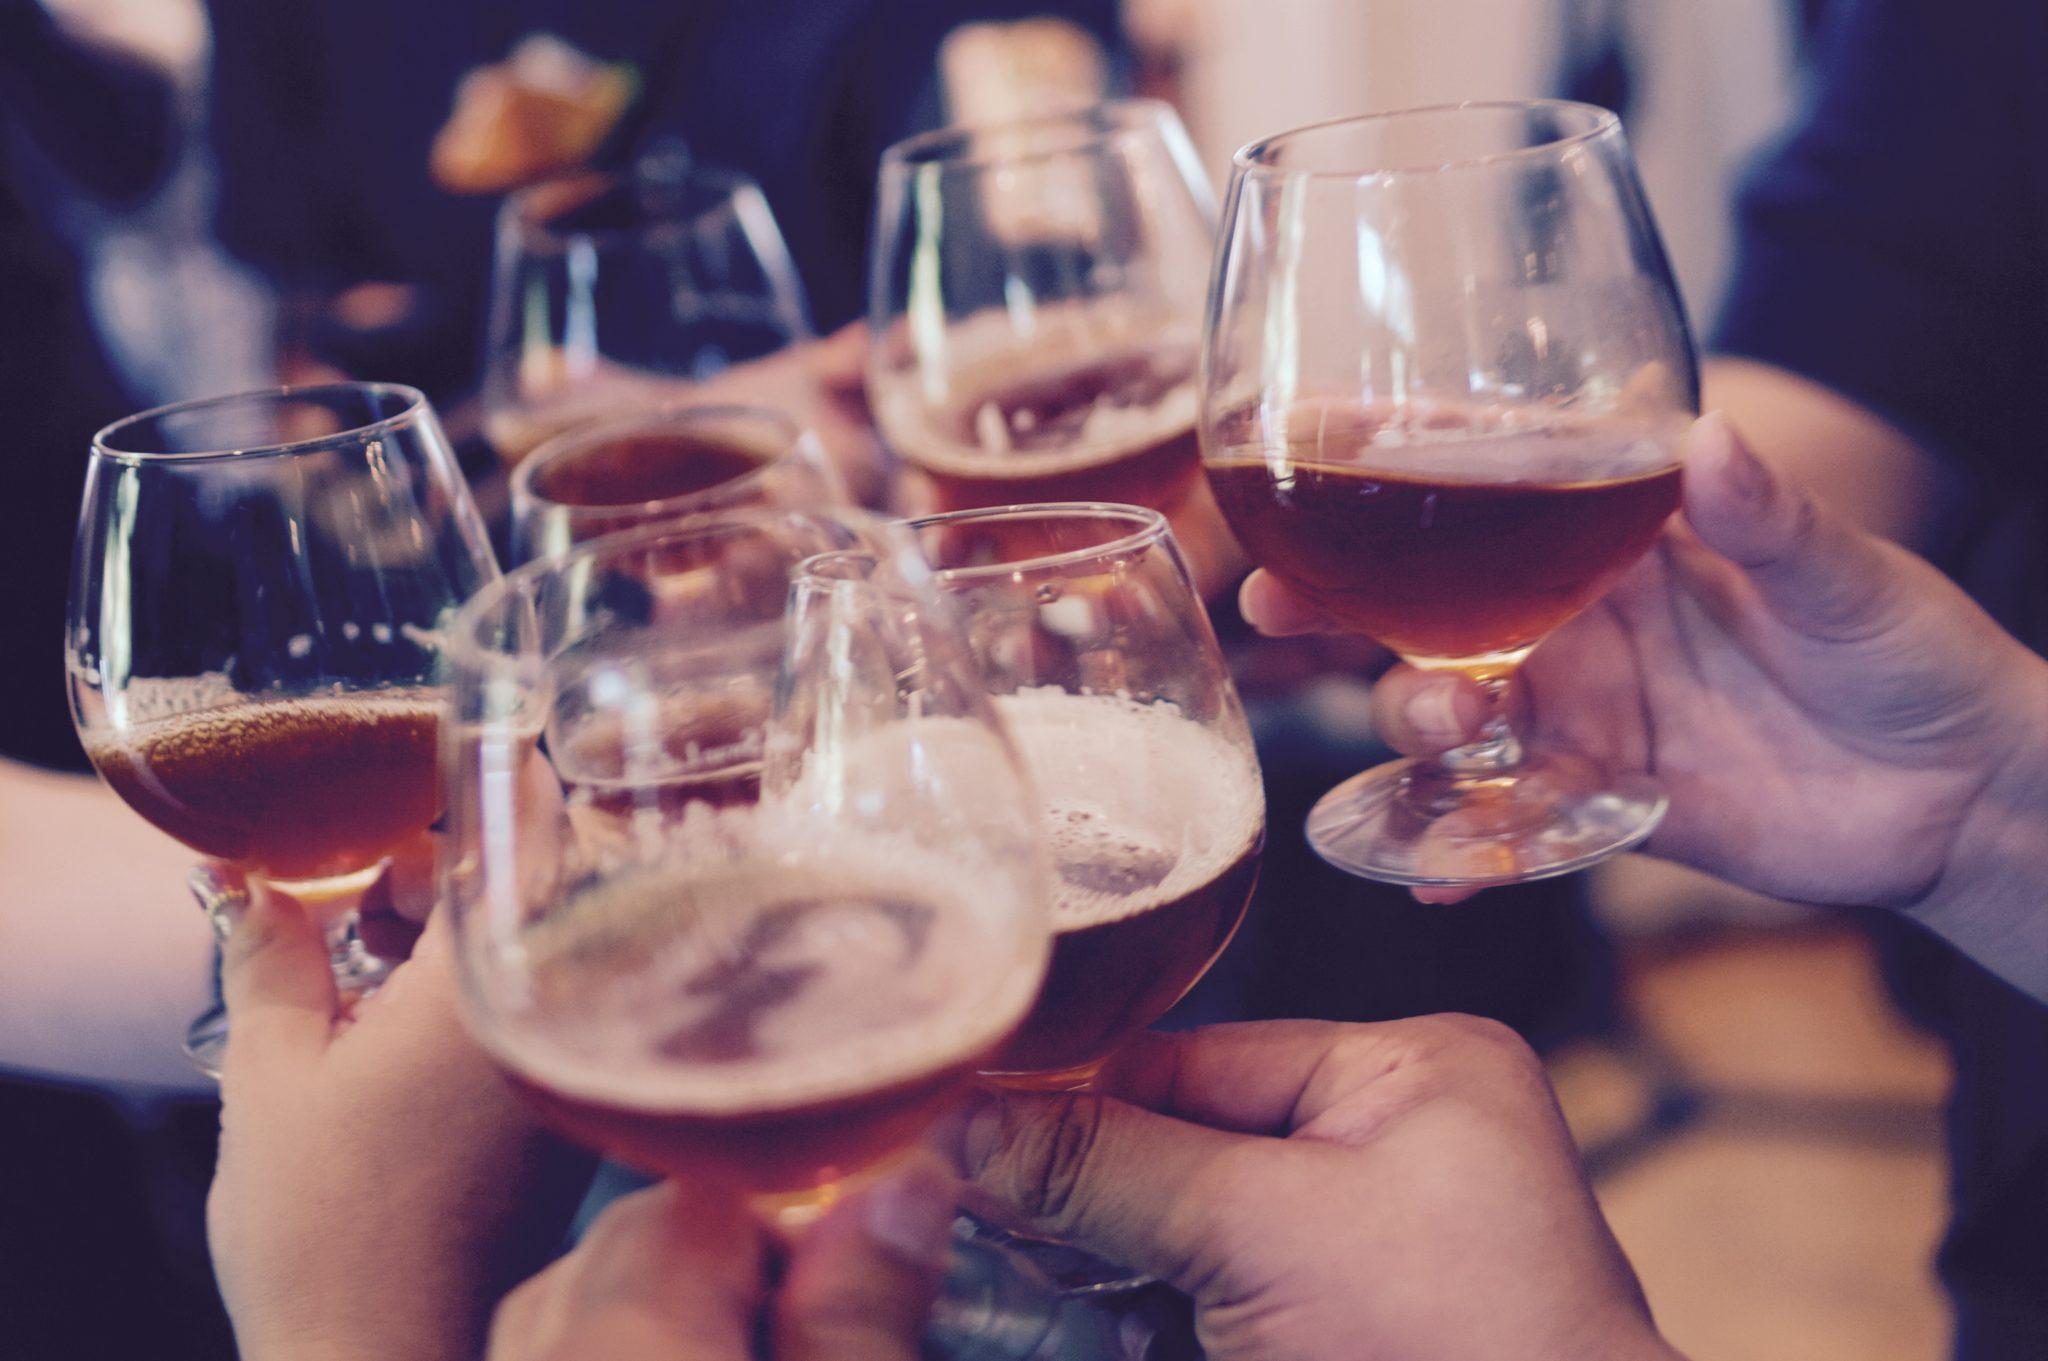 Byens Bedste 2019: Her er de bedste steder at spise og drikk...